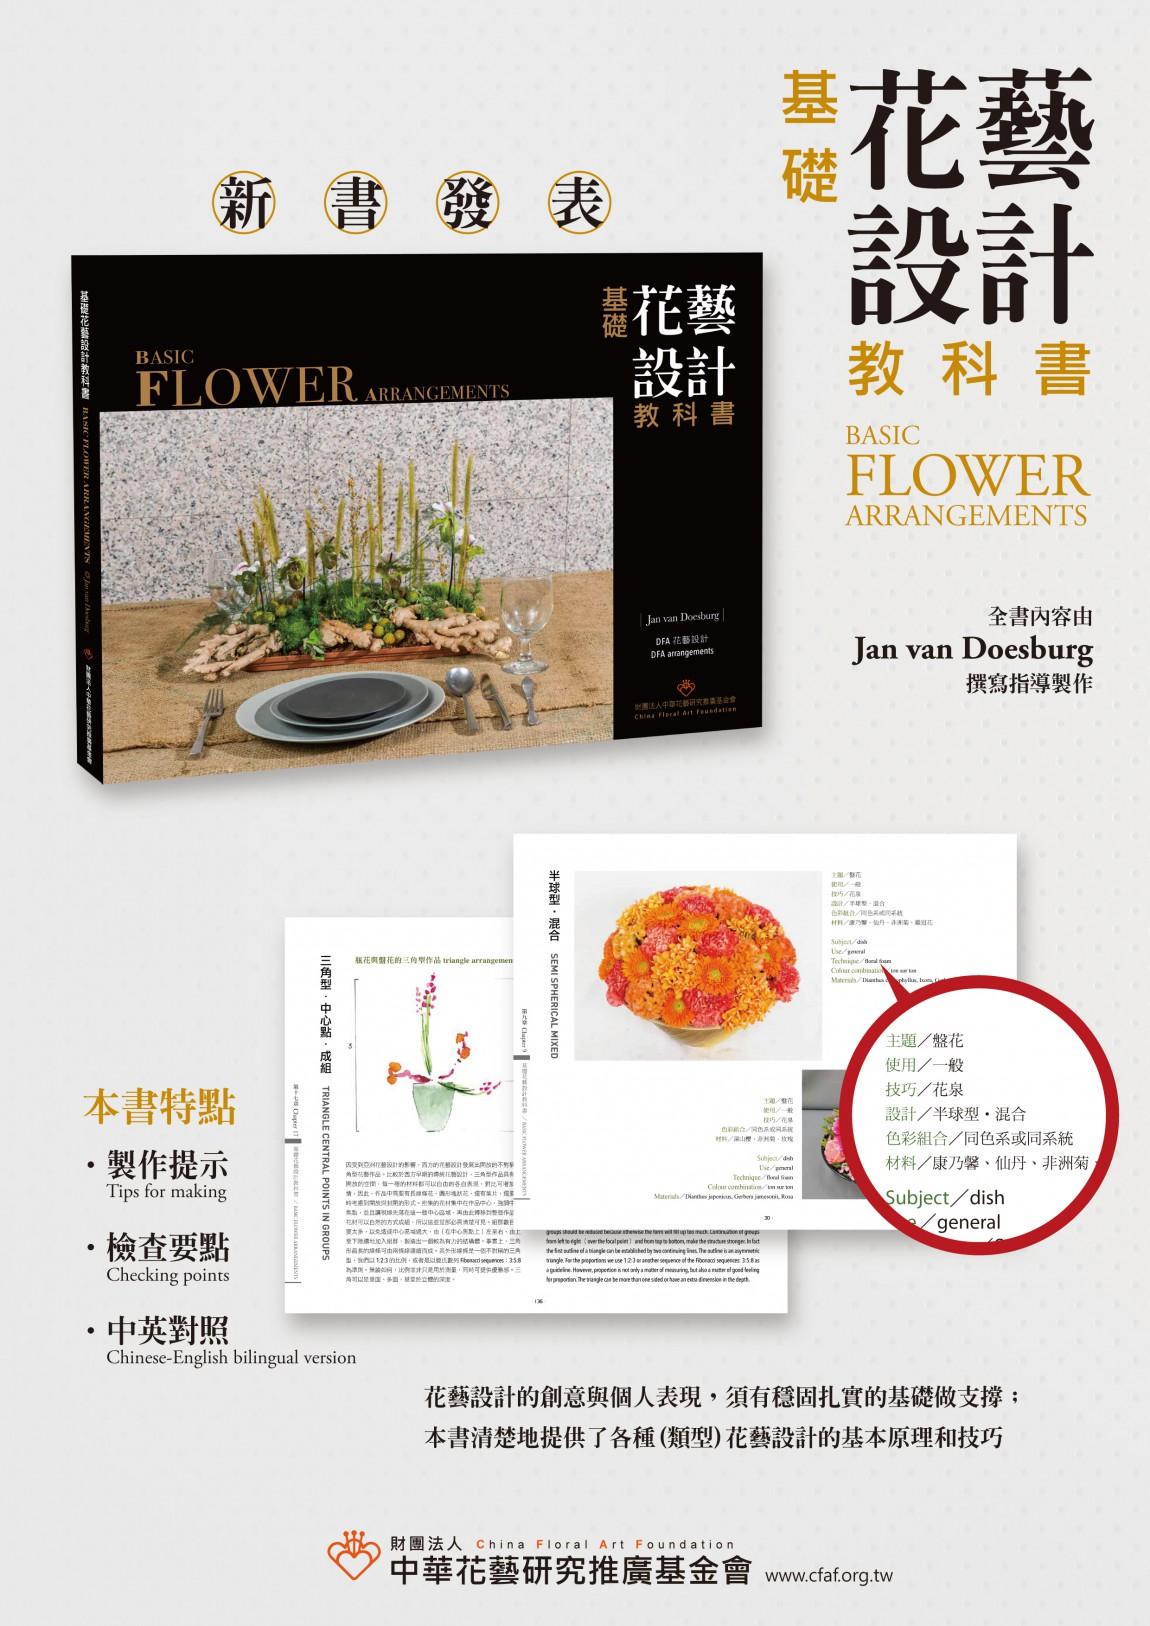 基礎花型教科書廣告new